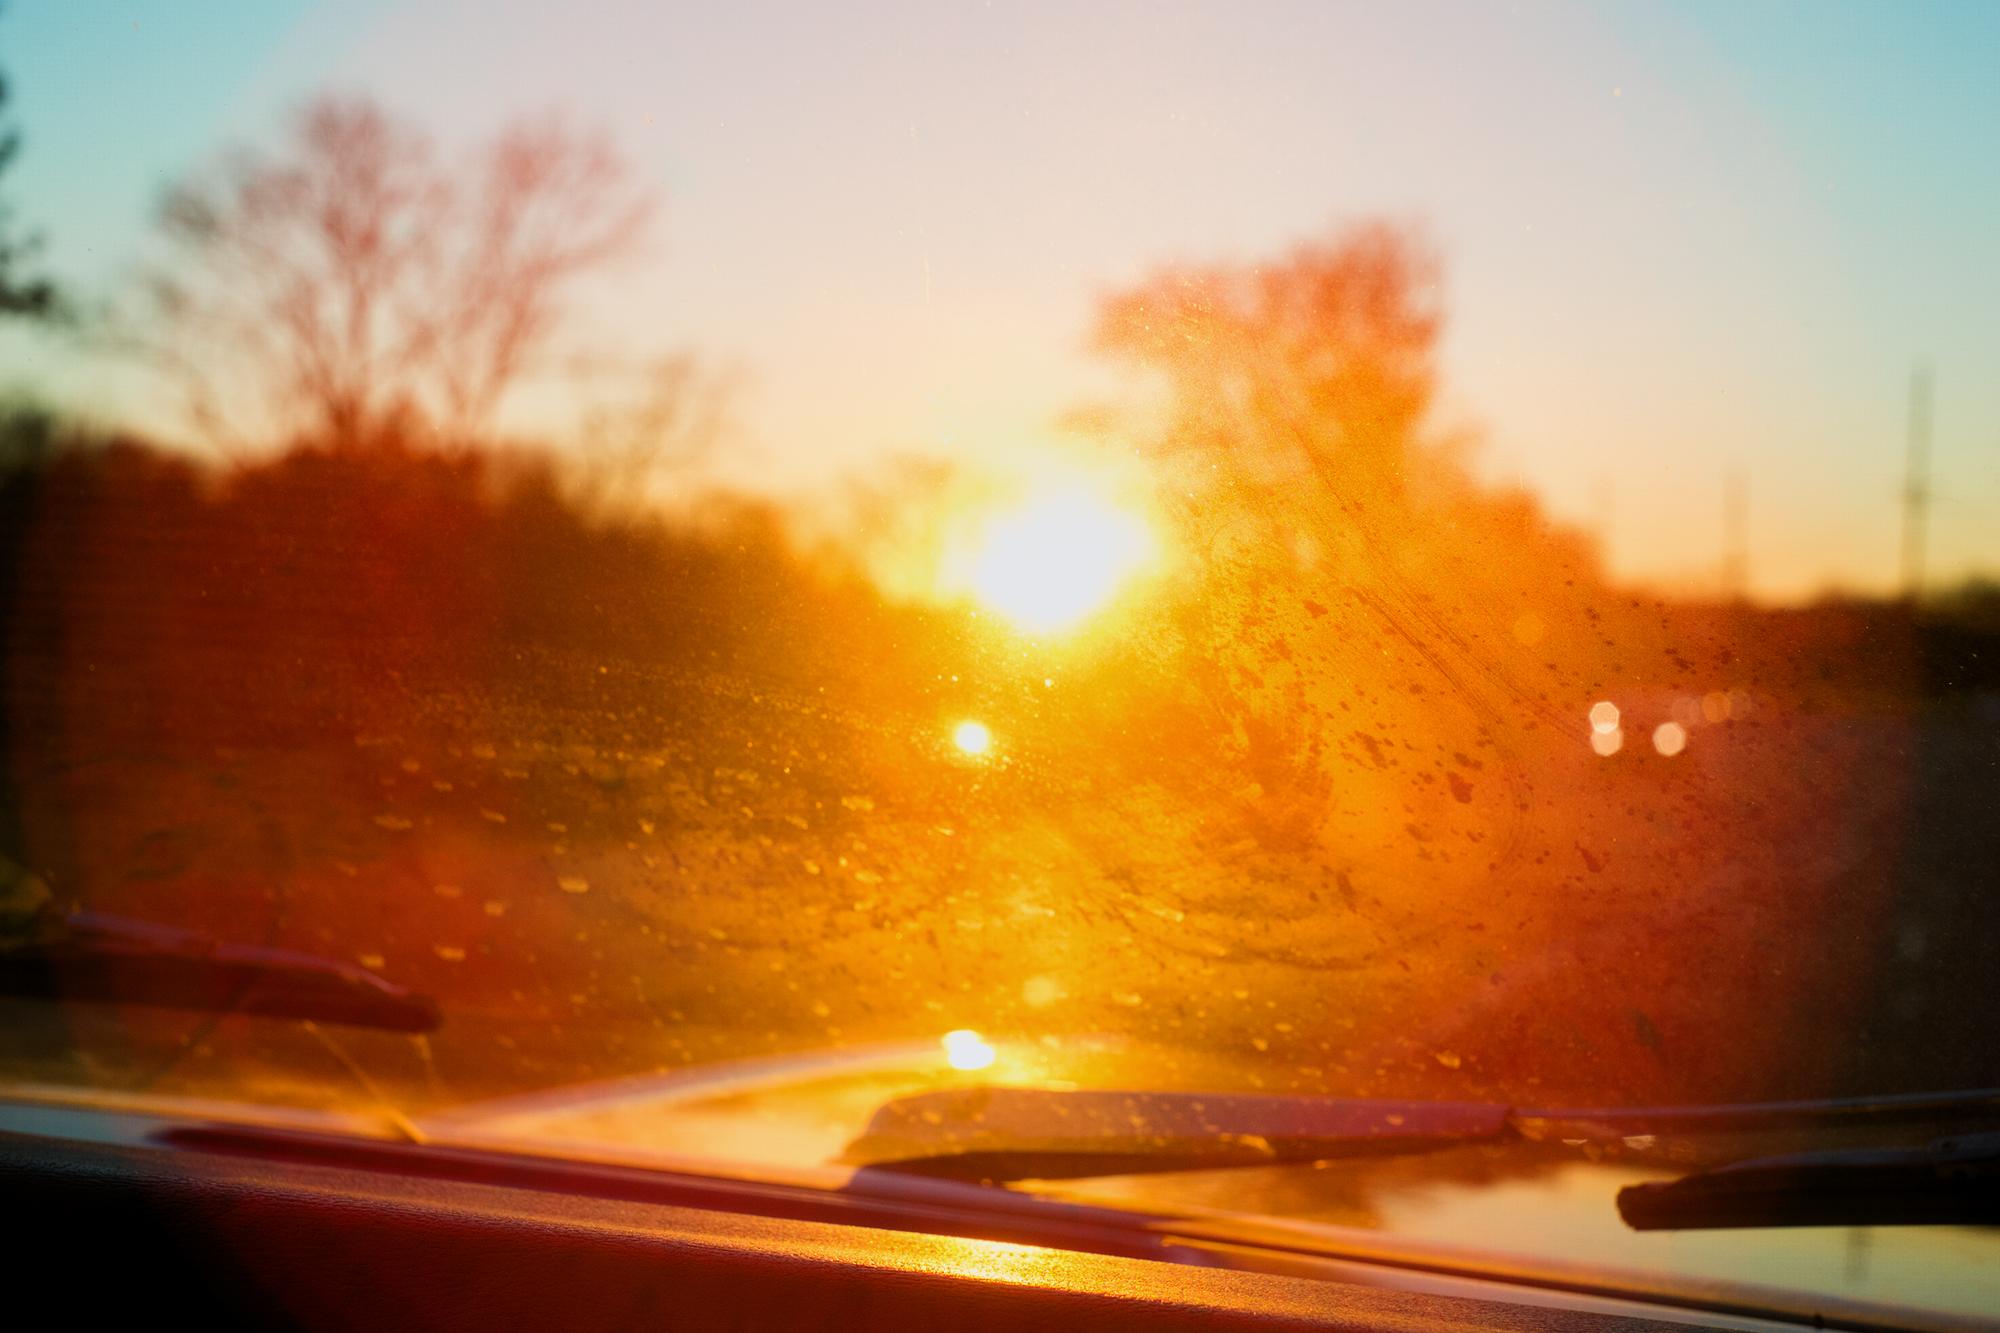 Brokaw_Julia_Nashville_Sunset.jpg